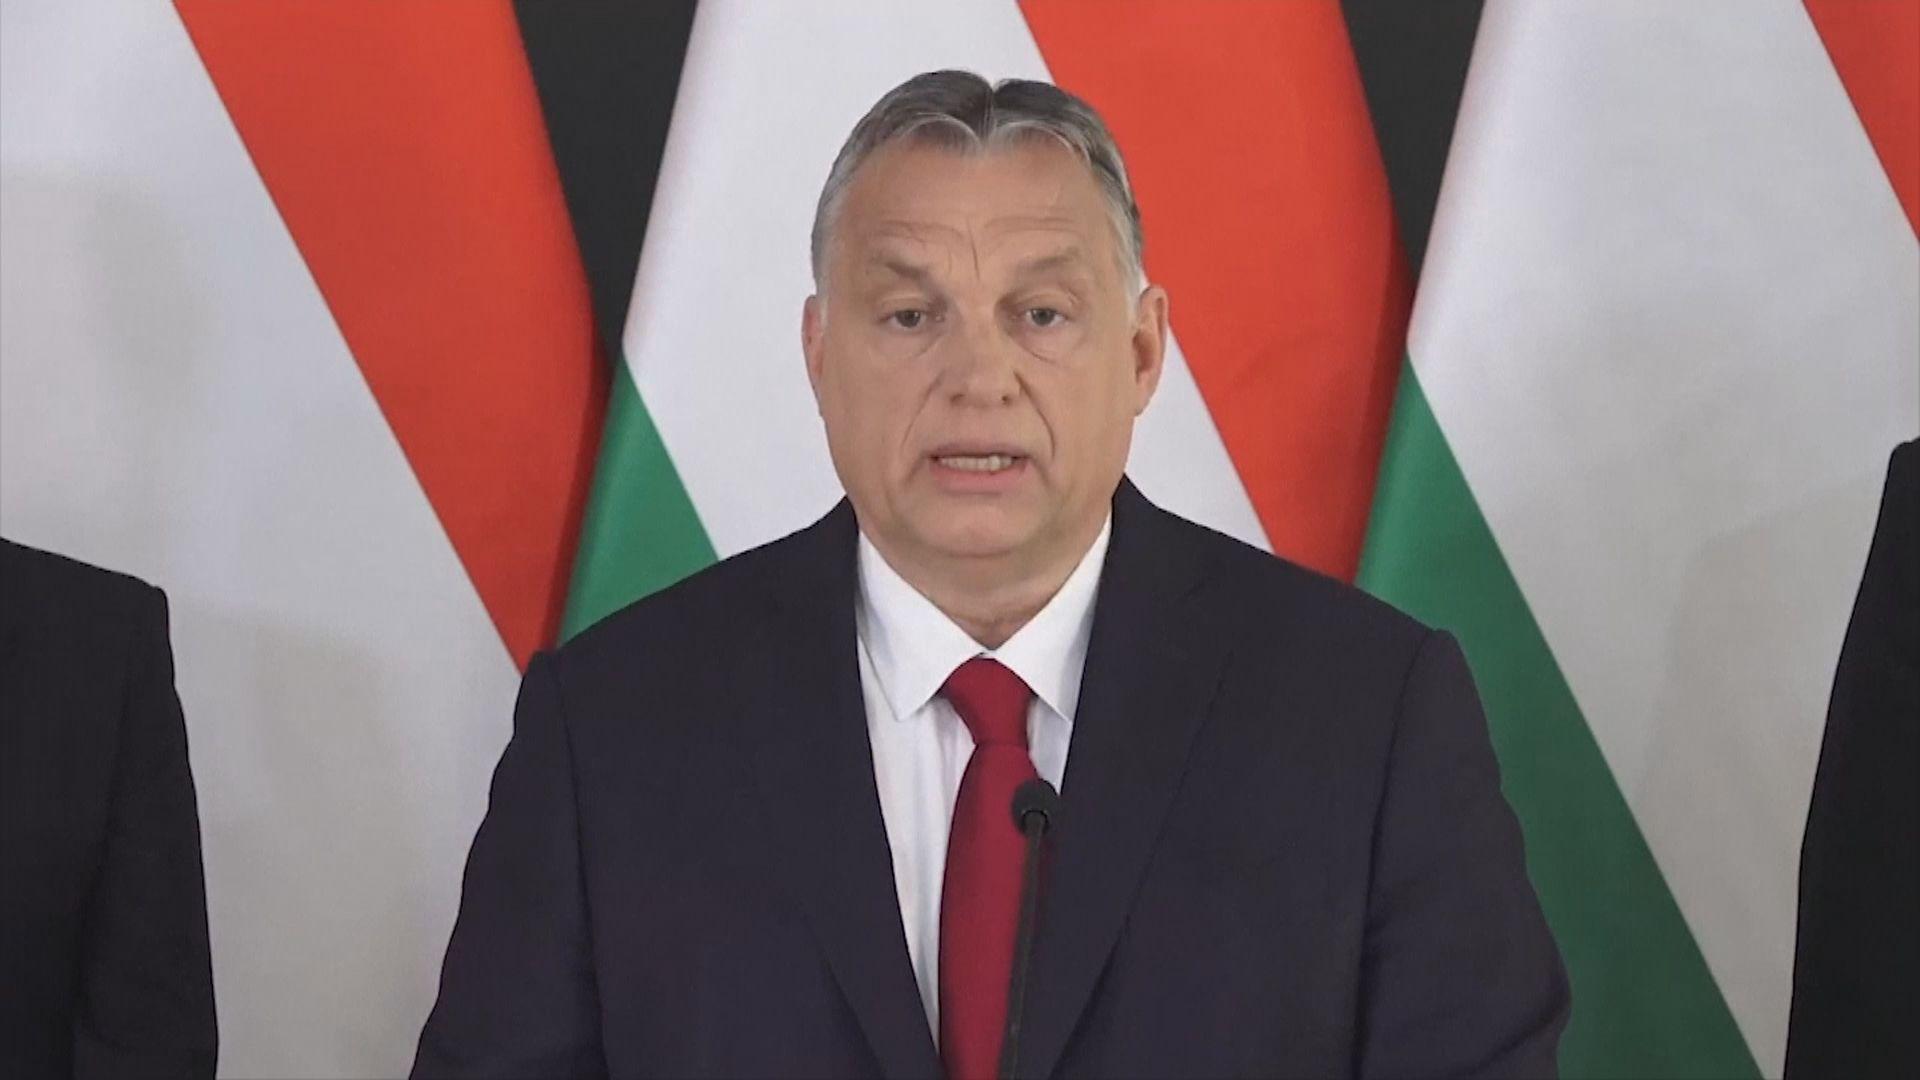 【即日焦點‧疫情消息】醫管局:病毒因負壓病房故障散播機會低;匈牙利總理可無限期執政 抗疫為名獨裁為實?